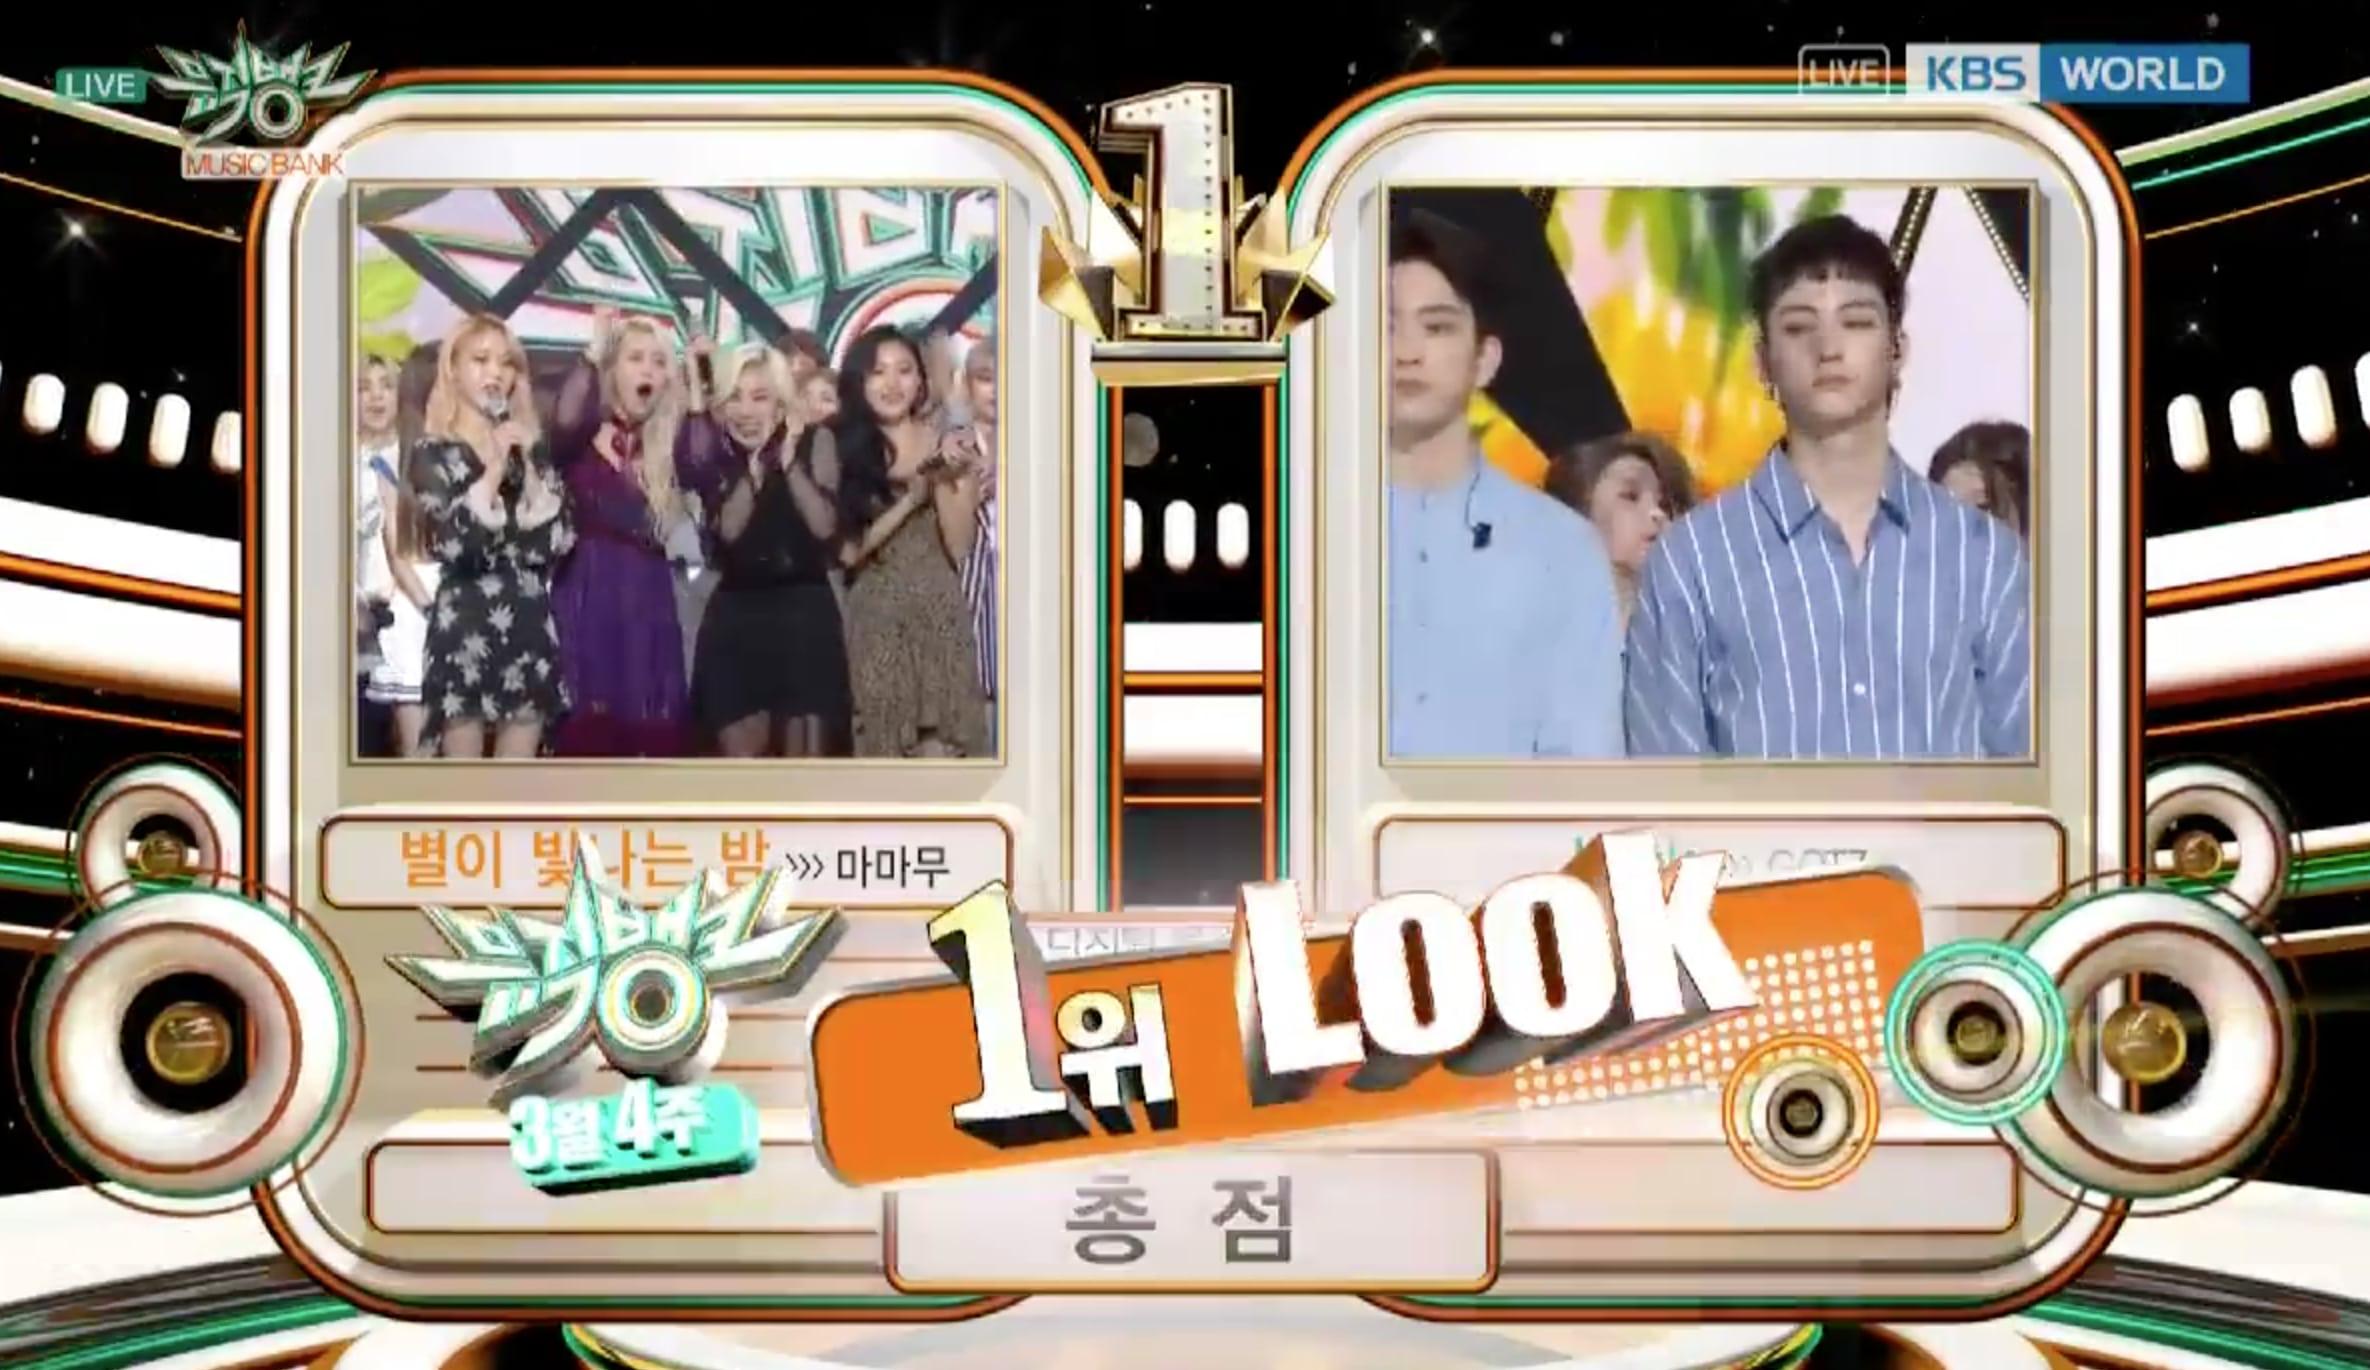 """GOT7 consigue su primera victoria para """"Look"""" en """"Music Bank"""""""